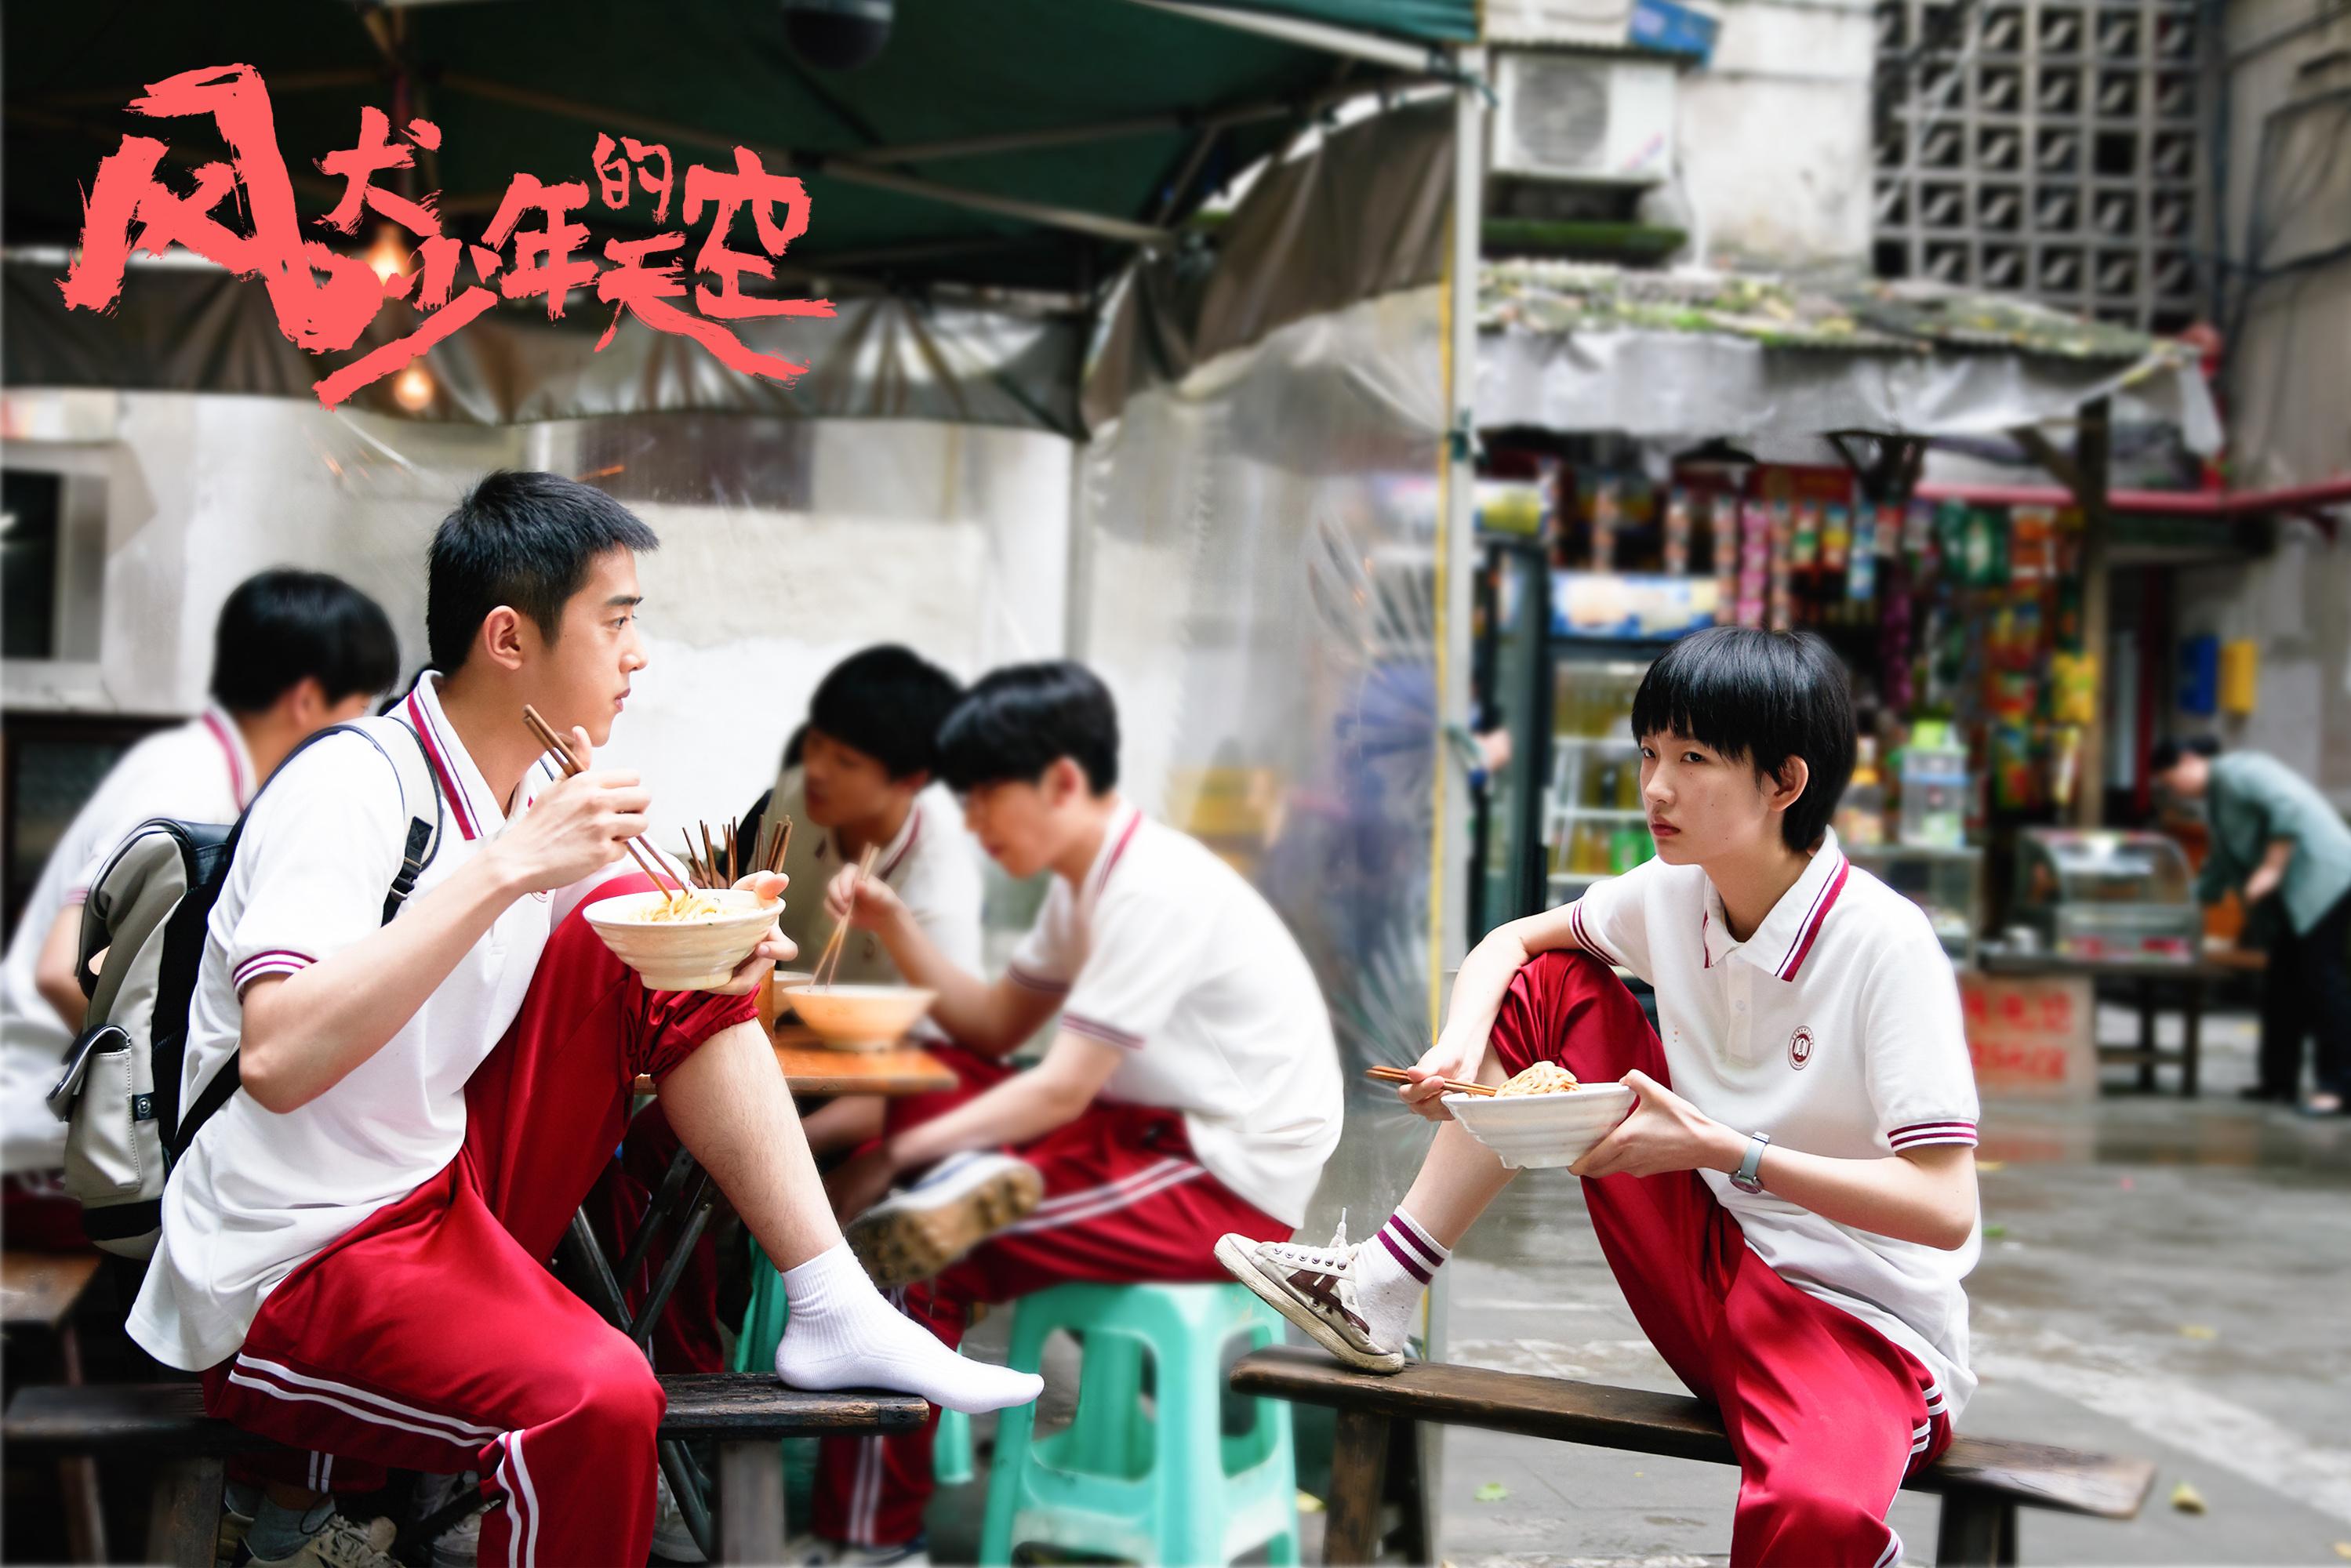 彭昱畅《风犬少年的天空》曝新预告 于9.24上线